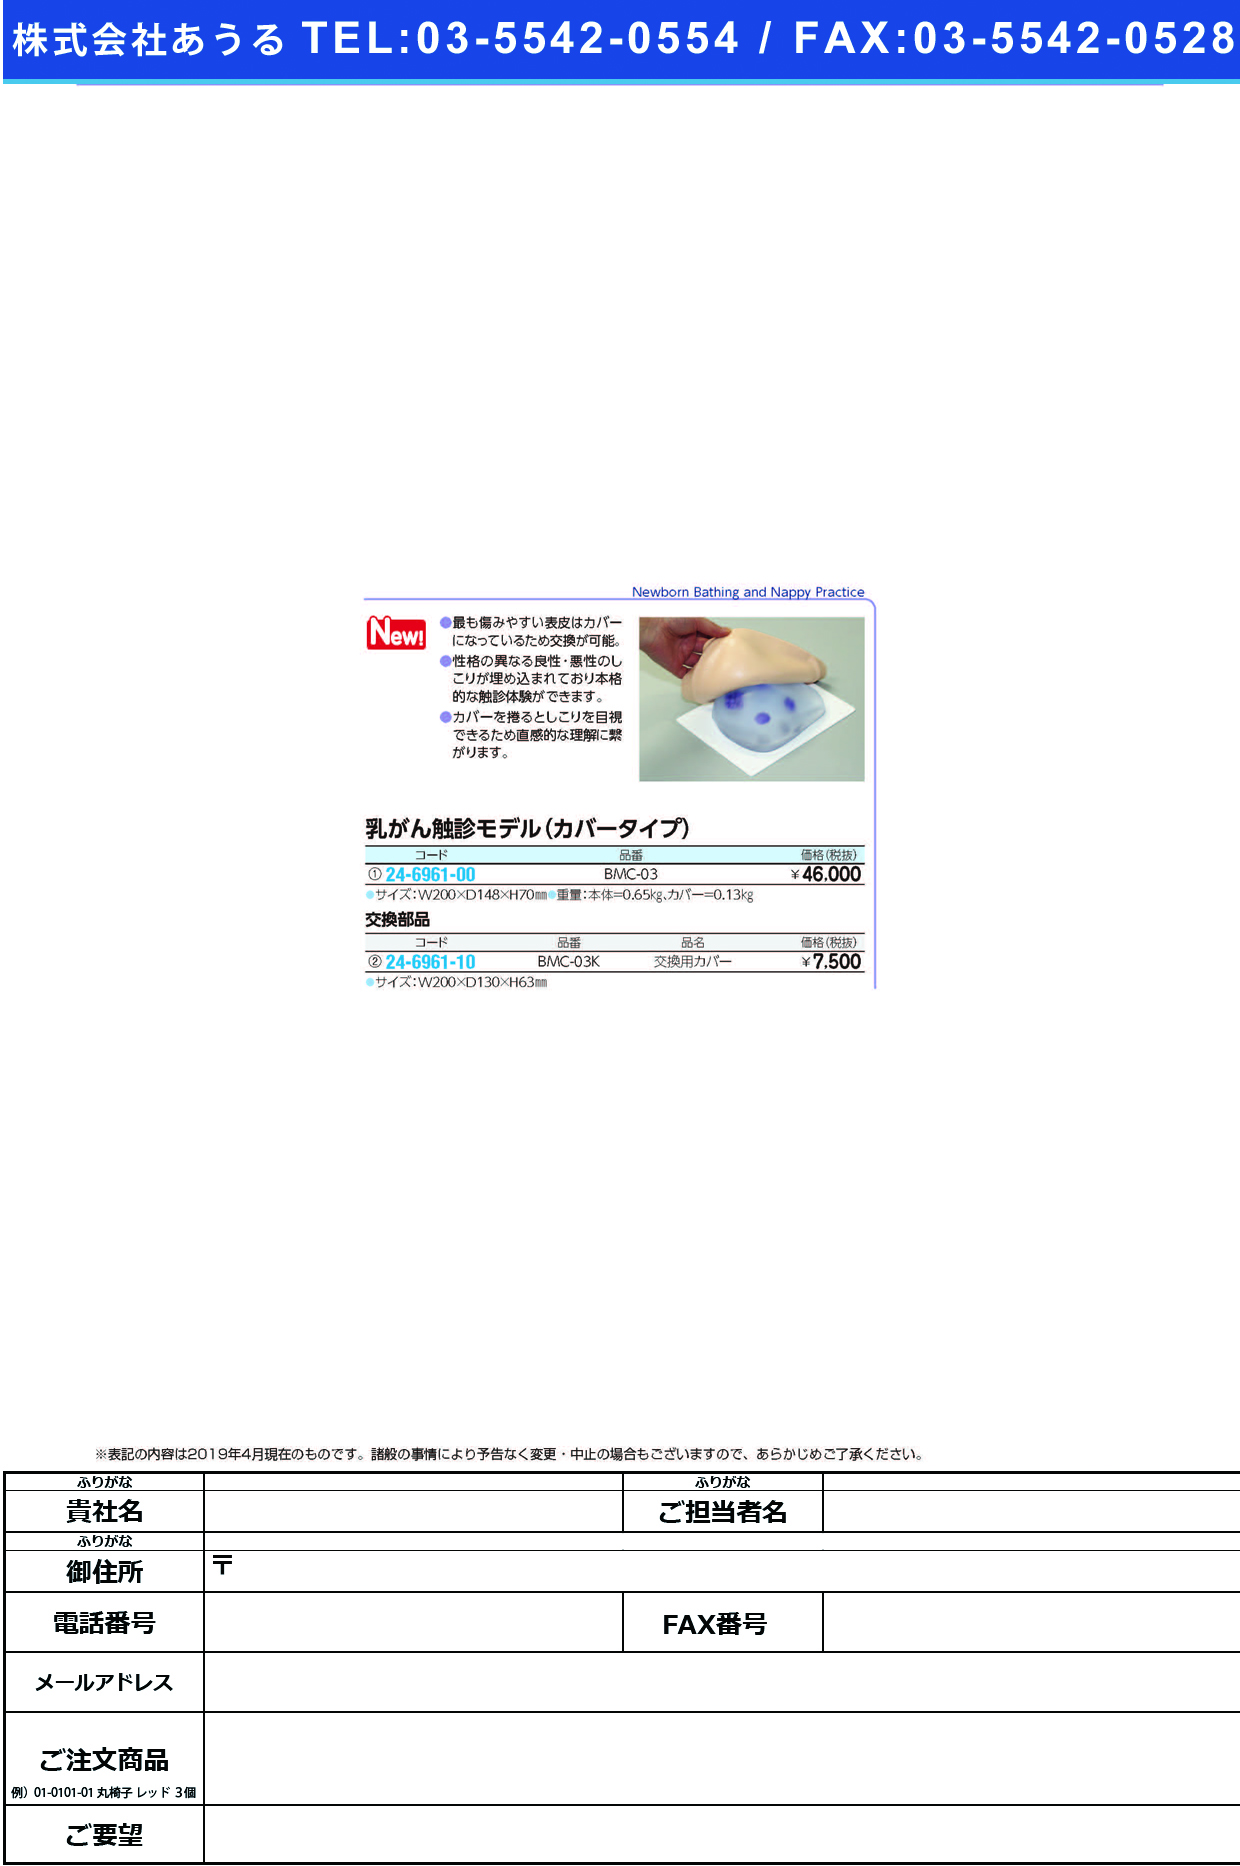 (24-6961-10)乳がん触診モデル交換用カバーBMC-03K(BMC-03ヨウ) ニュウガンショクシモデルカバー(レジーナ)【1個単位】【2019年カタログ商品】